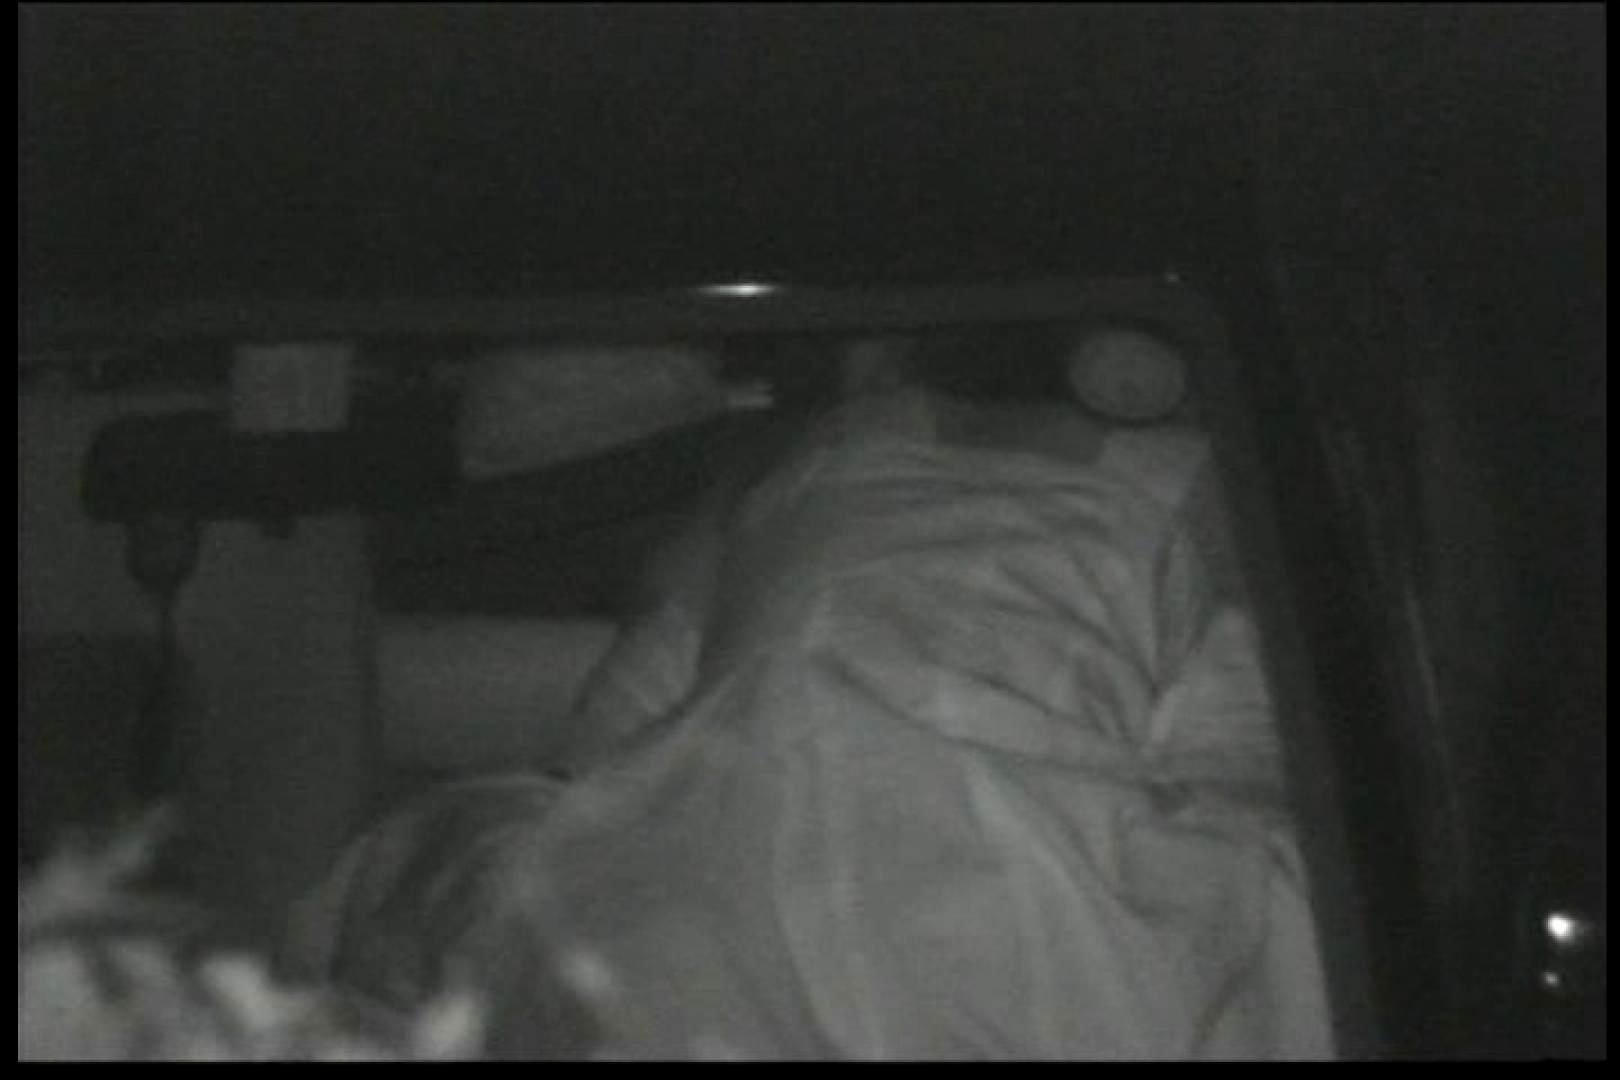 車の中はラブホテル 無修正版  Vol.12 エッチなセックス 盗撮動画紹介 93画像 83